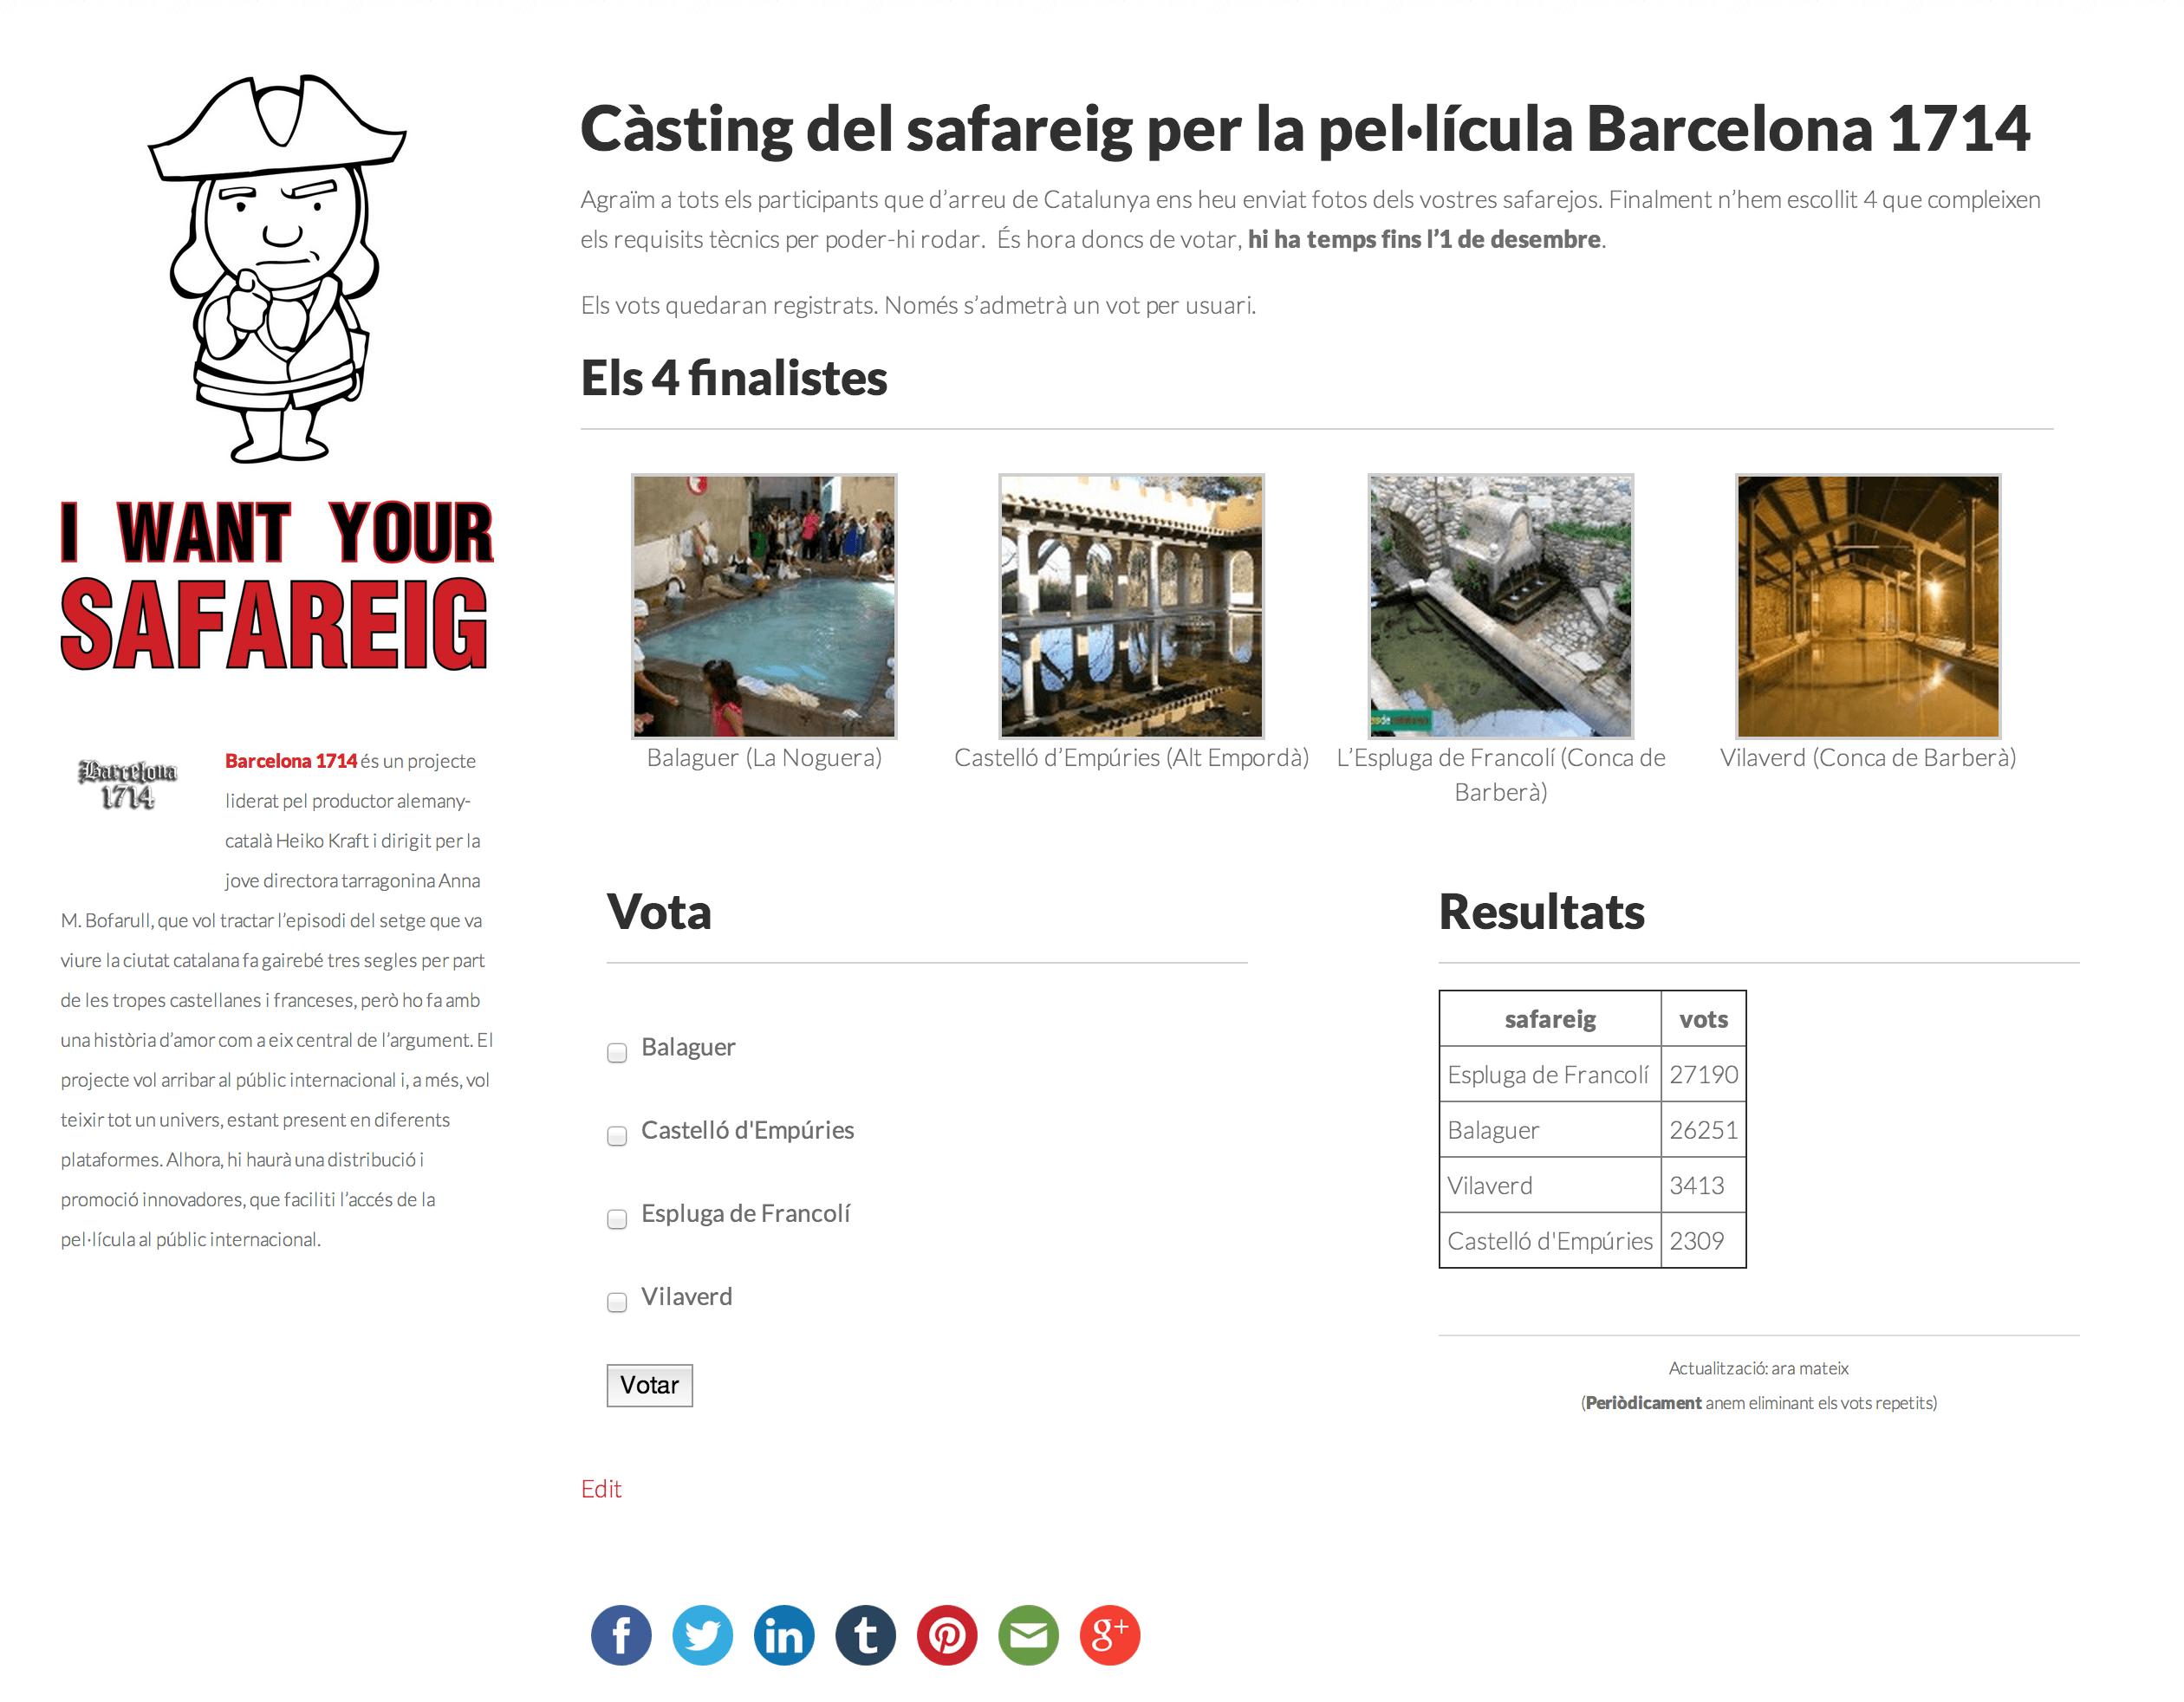 Correcció dels vots emesos al Càsting de Safareig de Barcelona 1714